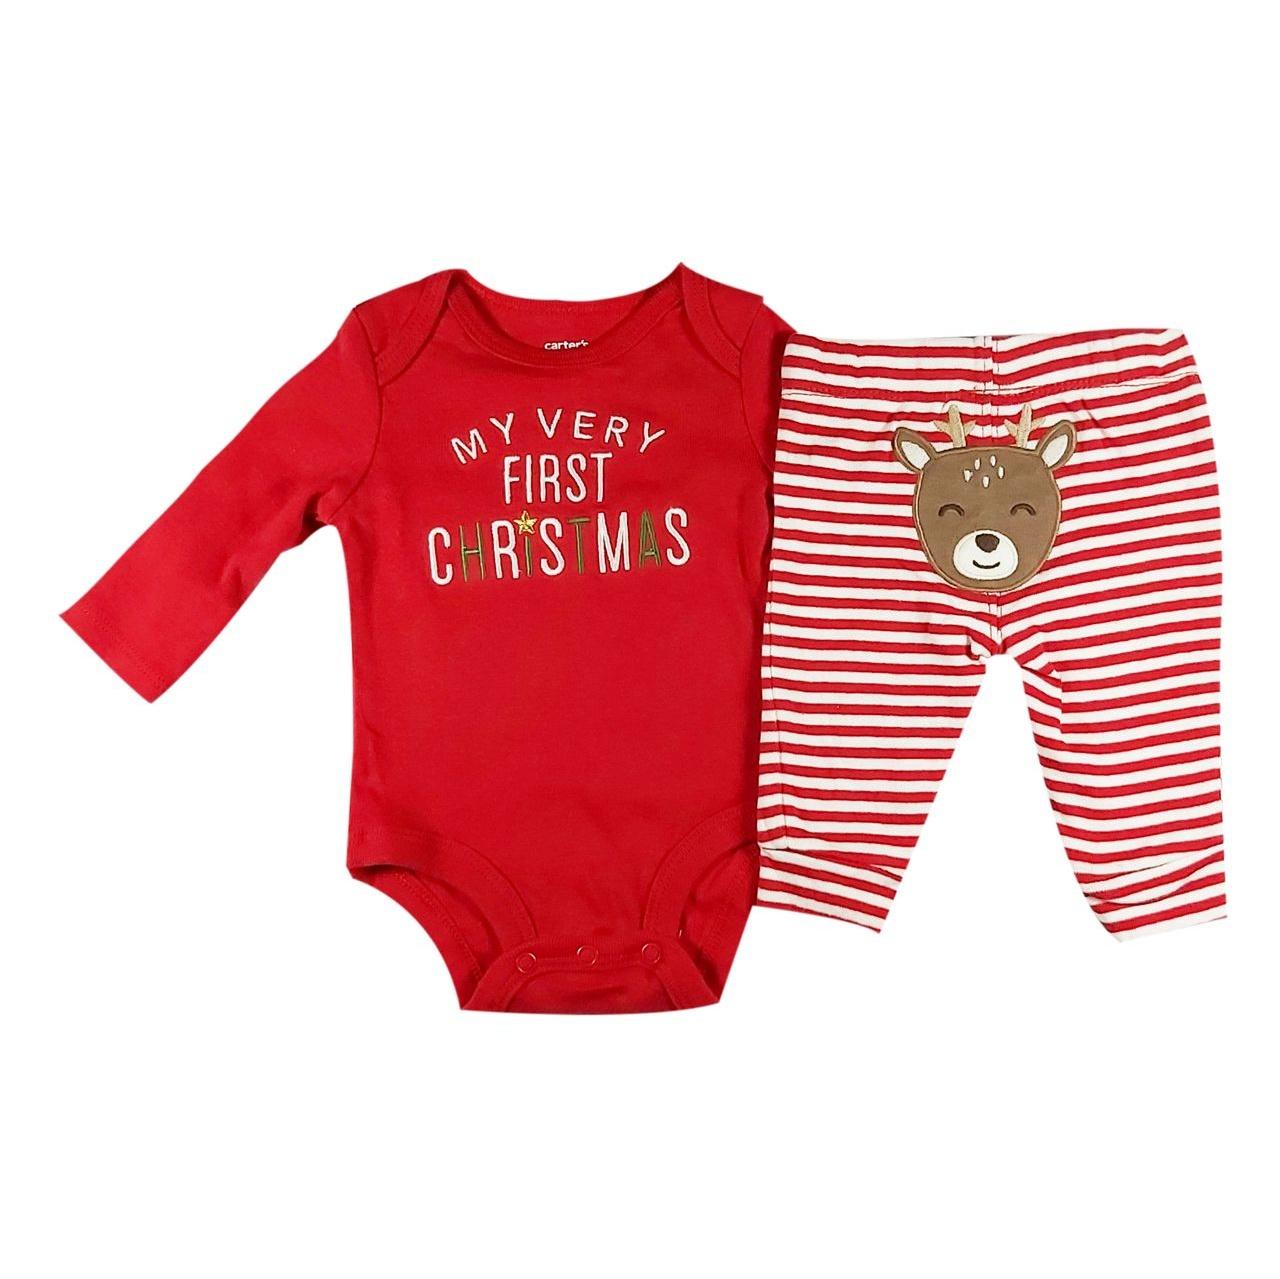 ست بادی و شلوار نوزاد کارترز مدل کریسمس